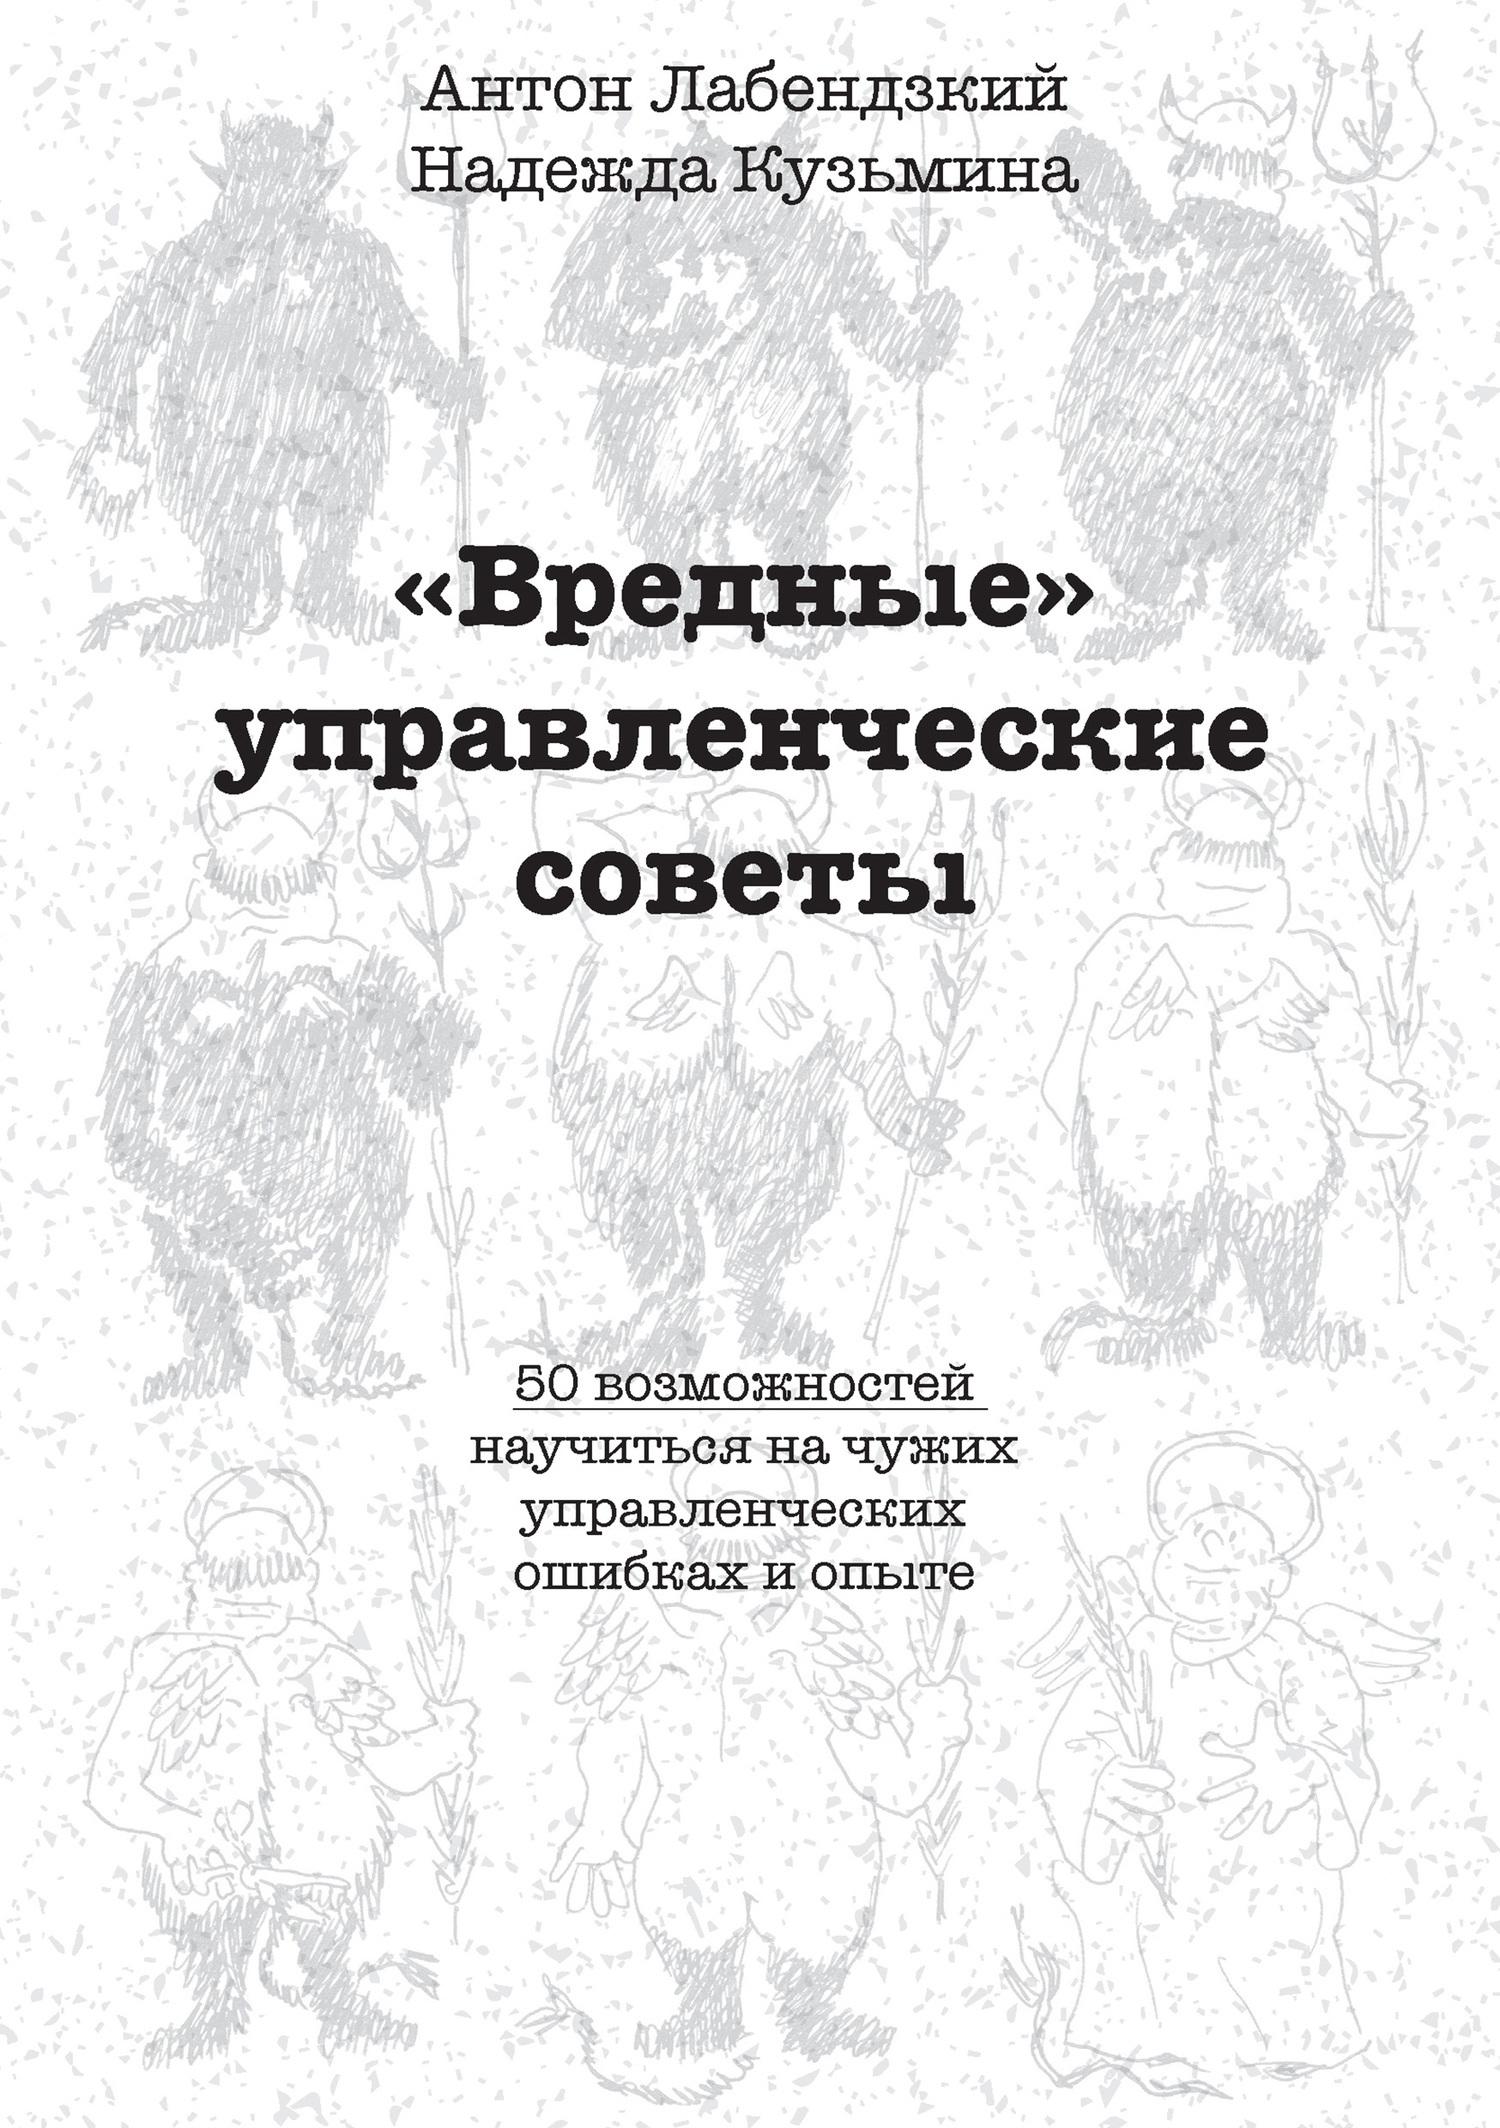 Обложка книги. Автор - Надежда Кузьмина